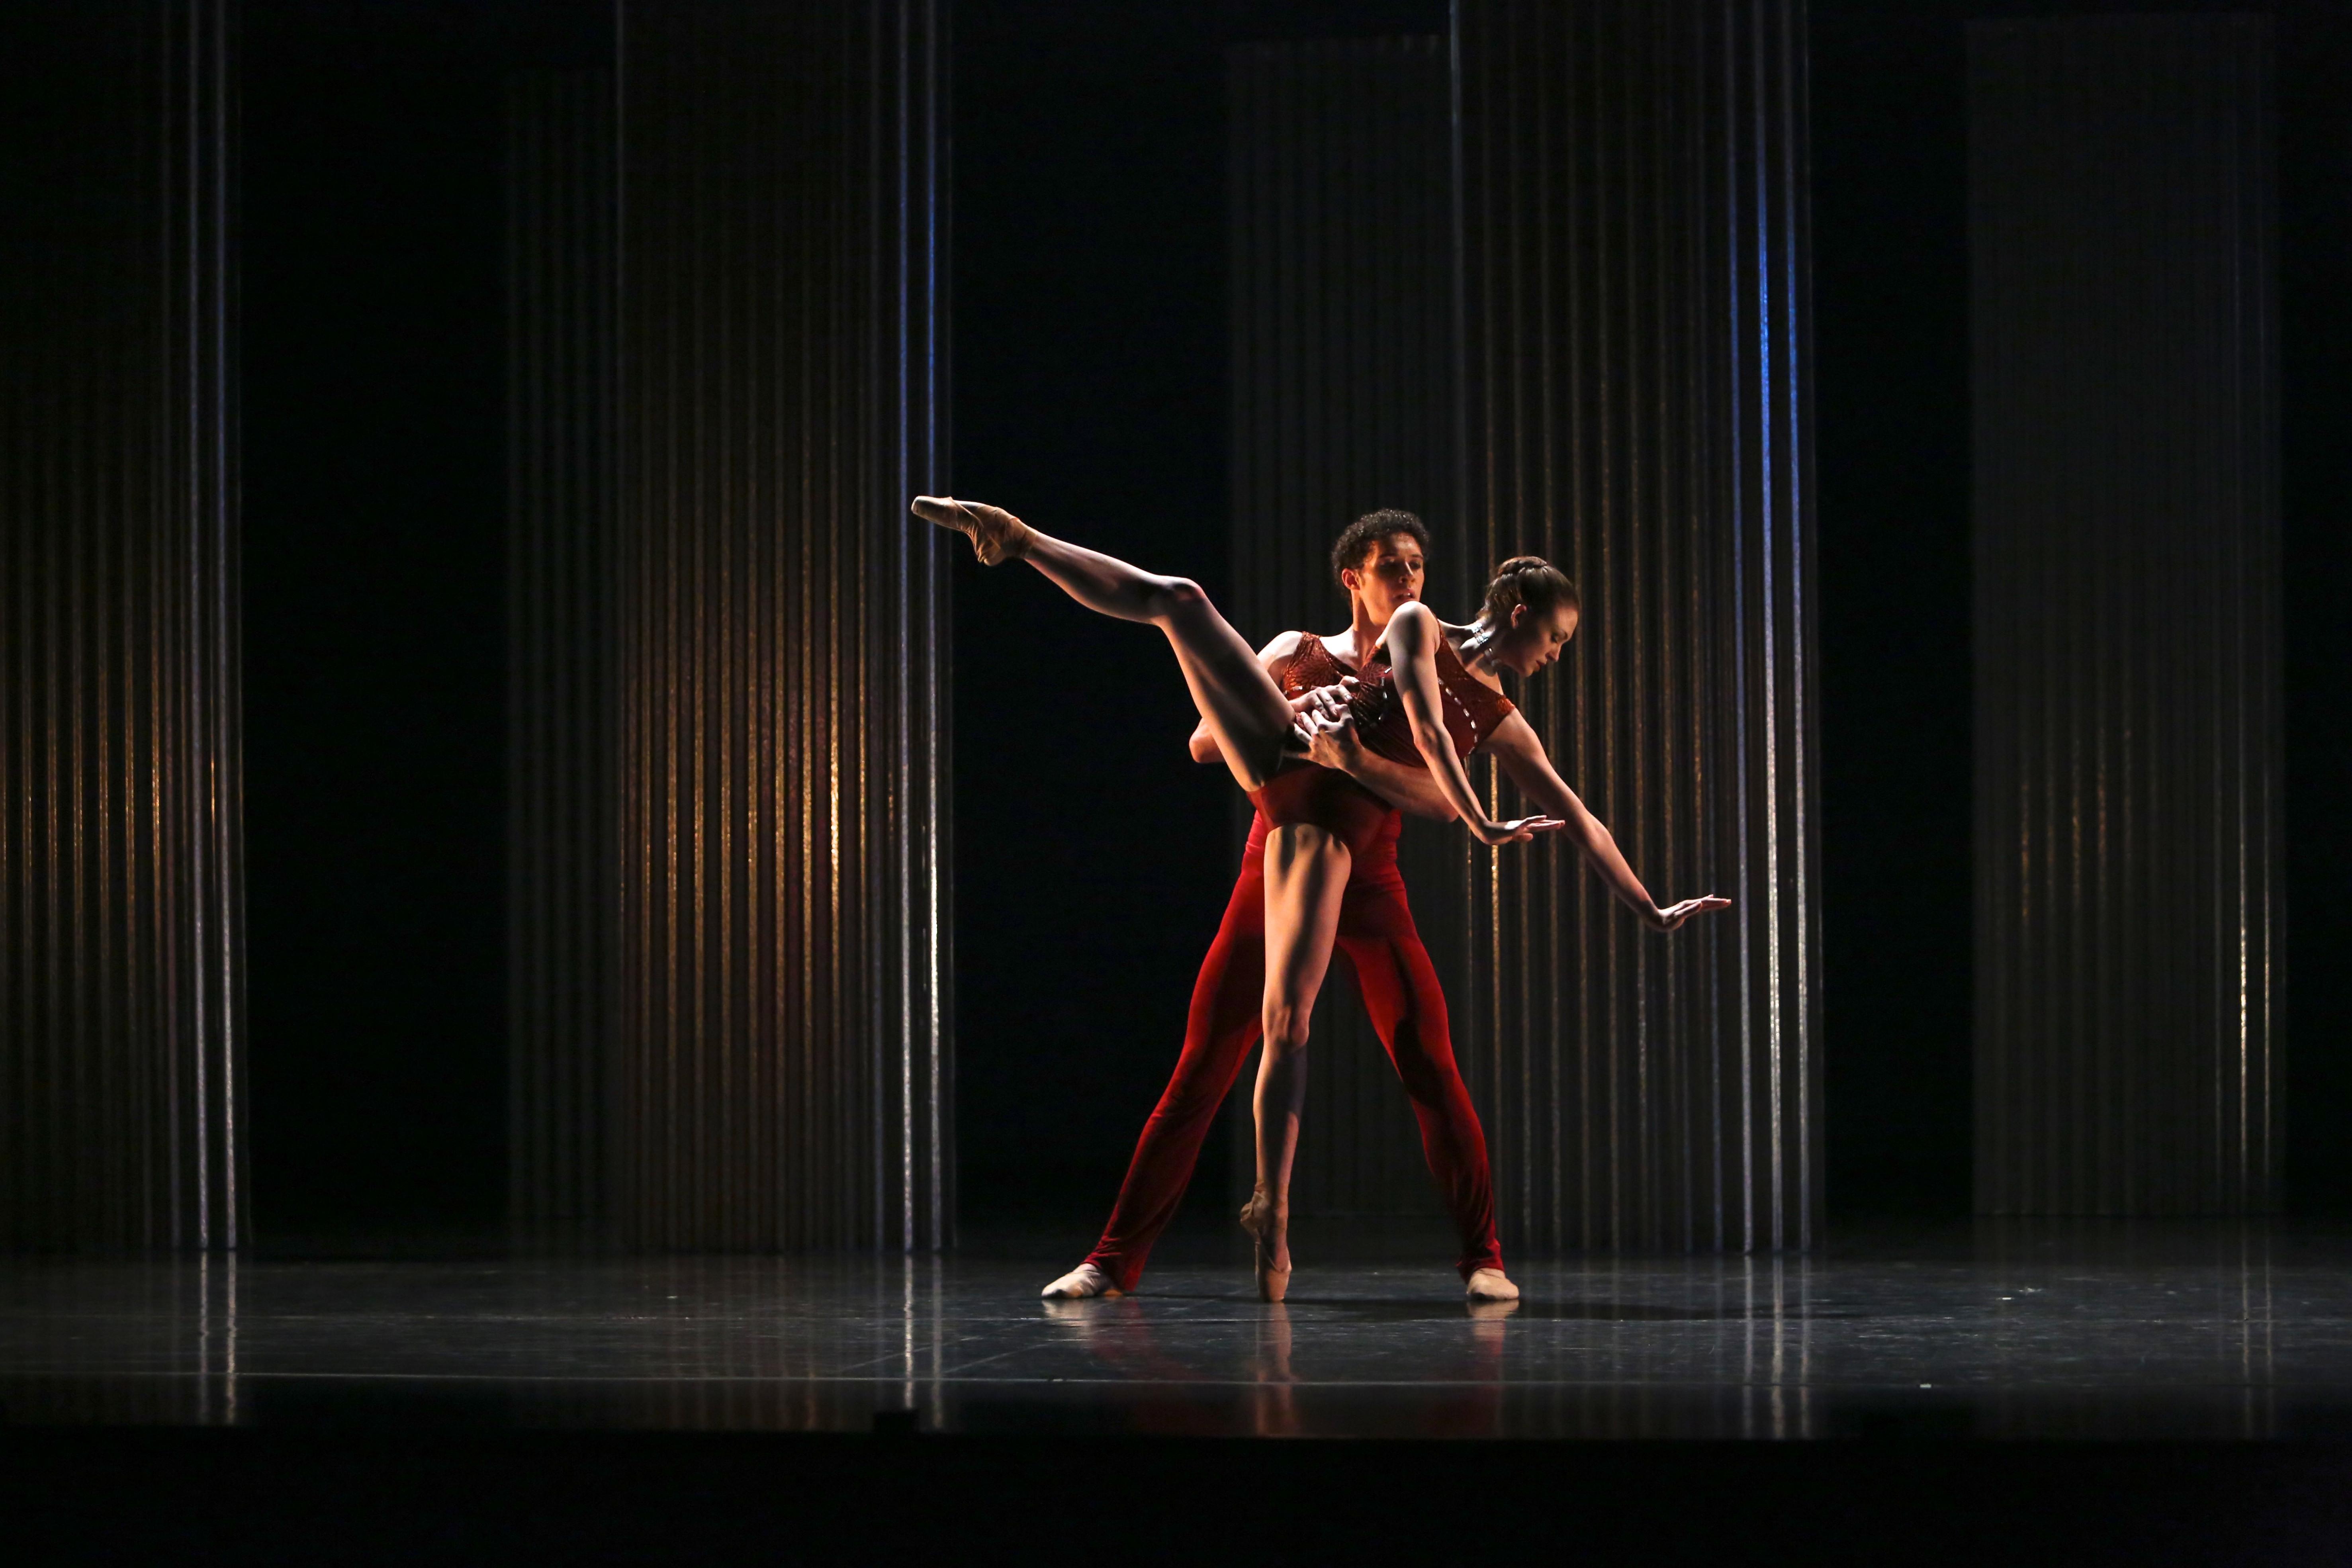 QB's Flourish -Clare Morehen and Emilio Pavan in Nicolo Fonte's Bolero